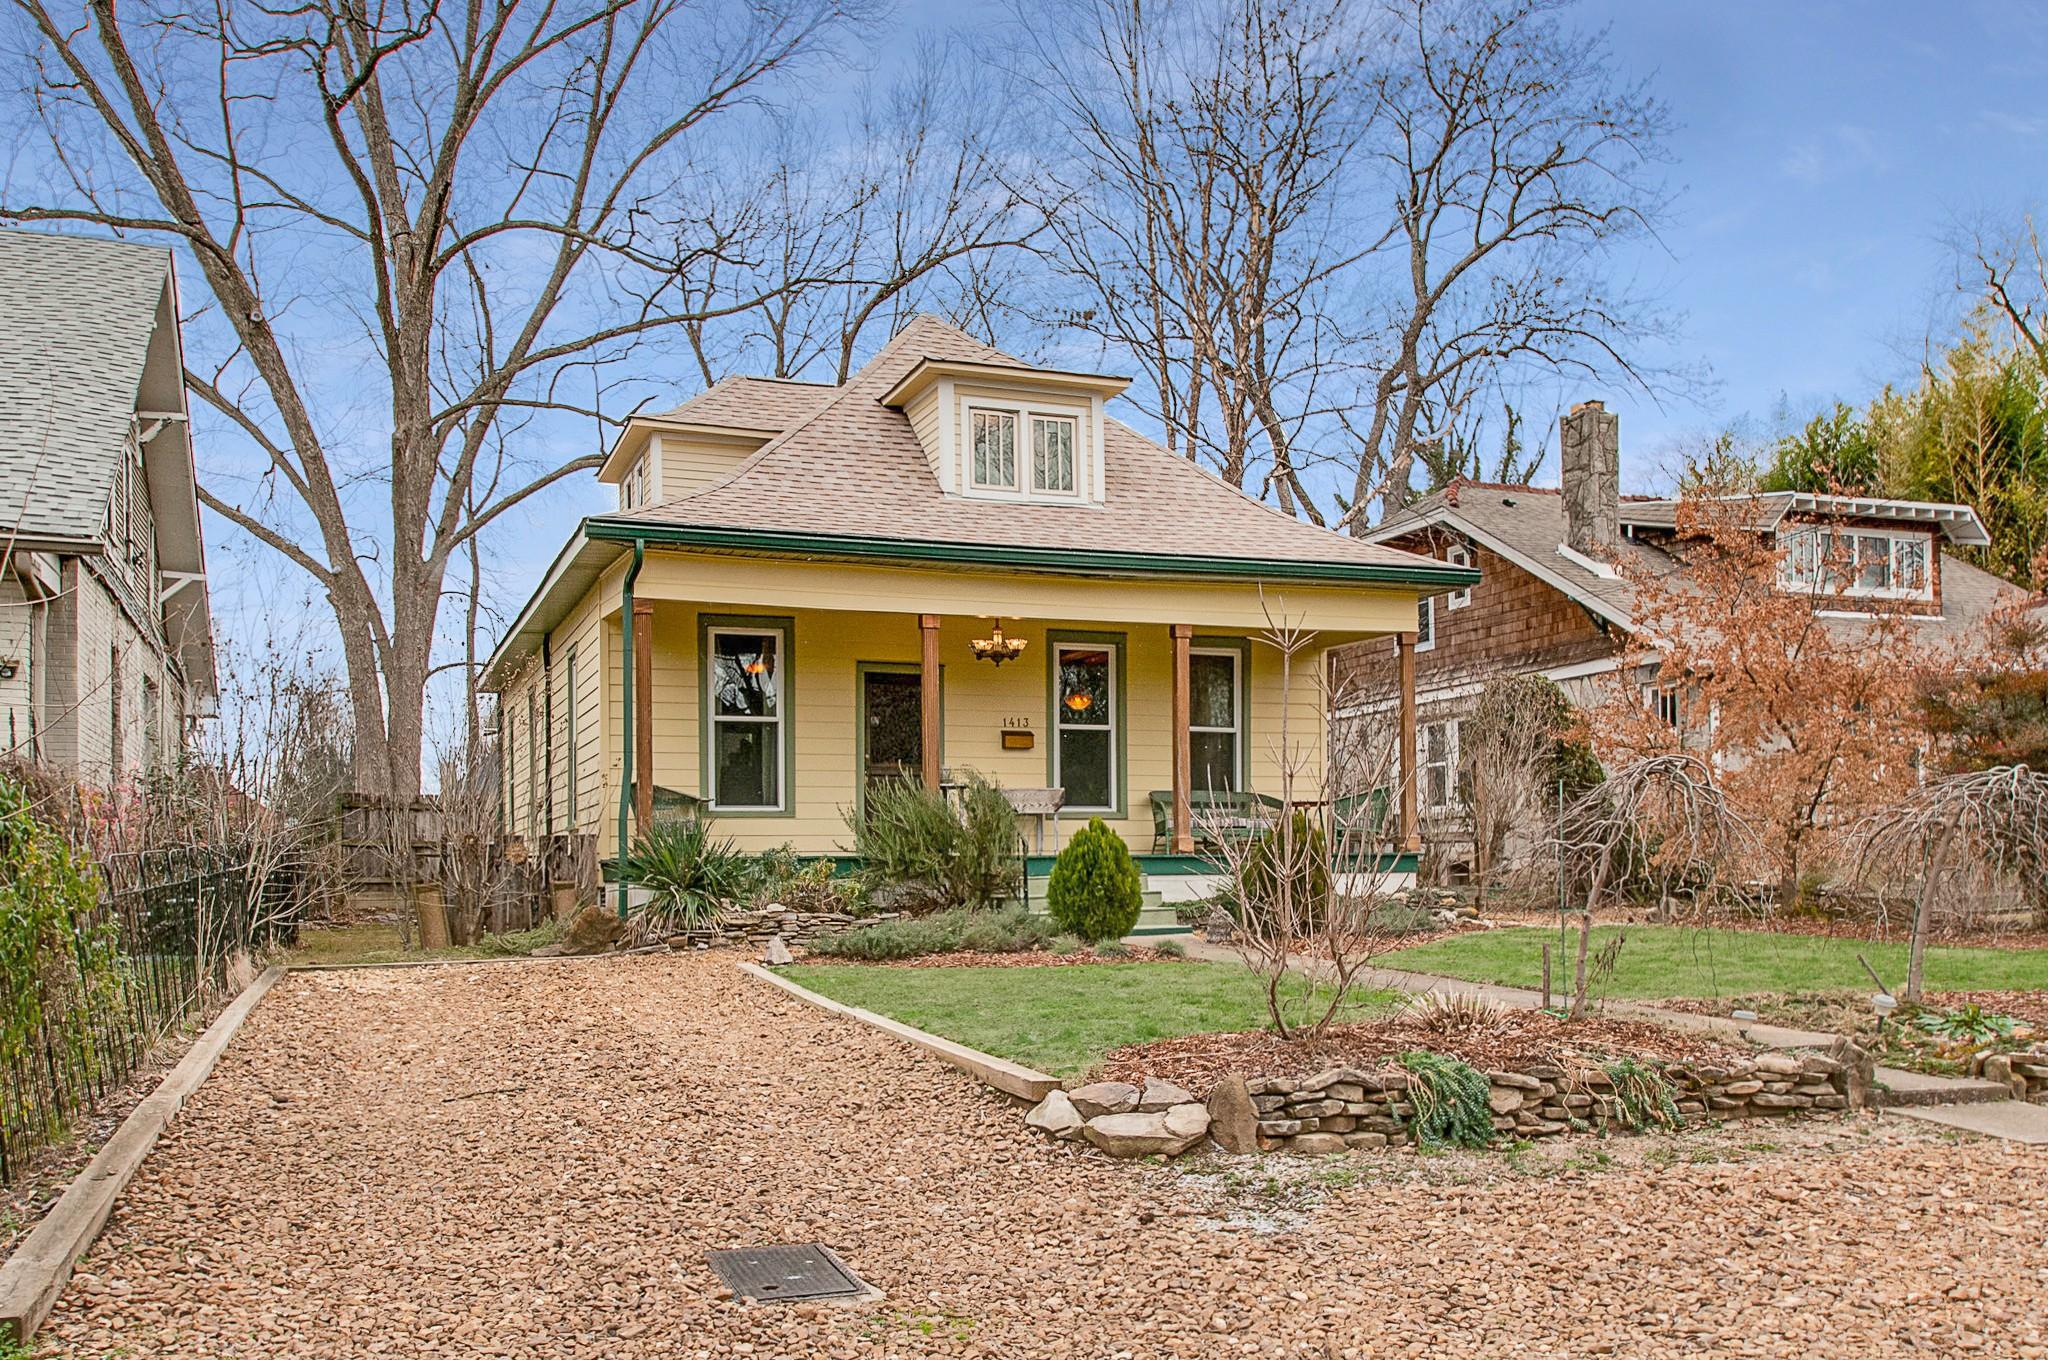 1413 McKennie Ave, Nashville, TN 37206 - Nashville, TN real estate listing